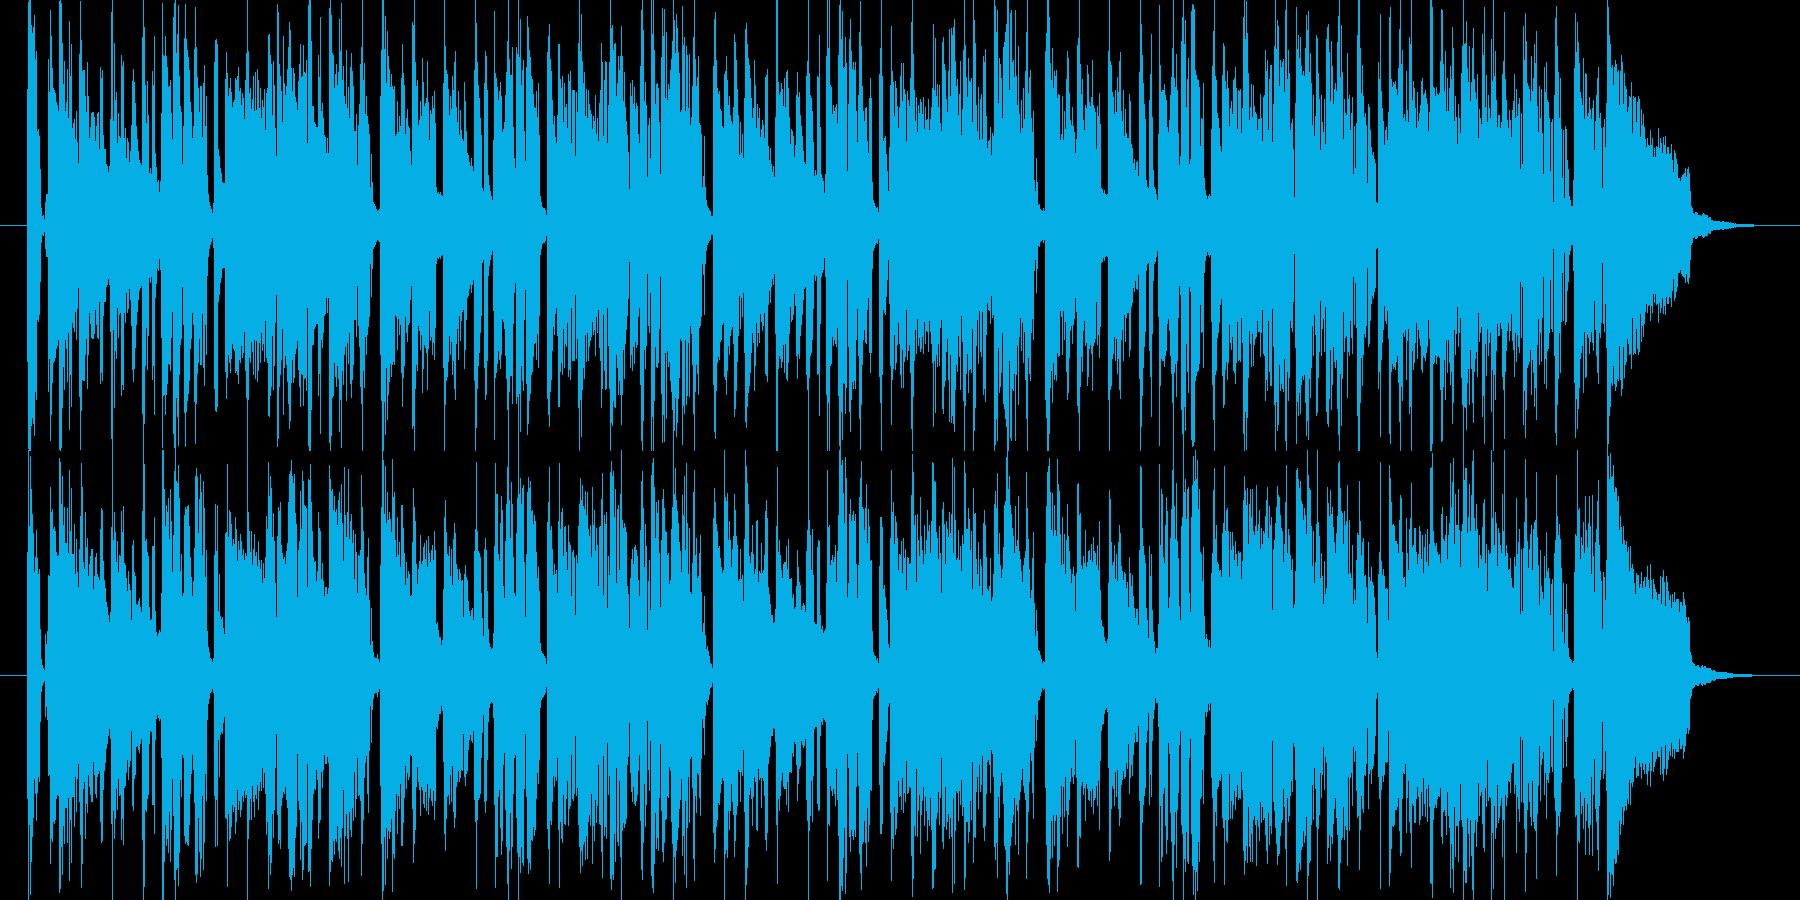 アコーディオンが可愛くて爽やかな曲の再生済みの波形